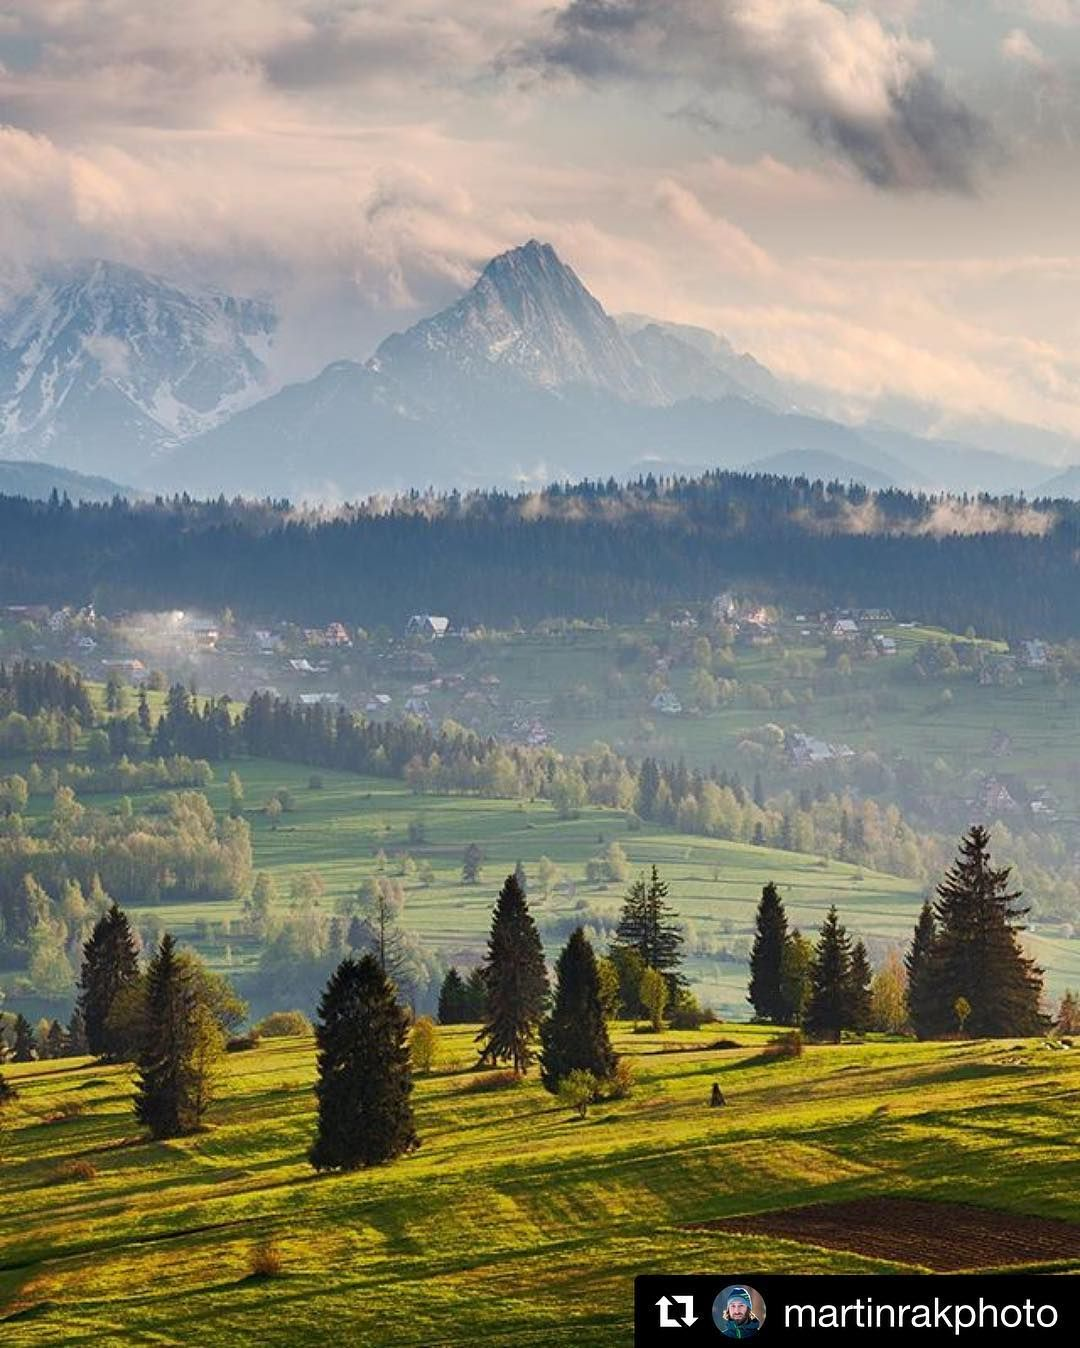 Naše krásne #slovensko  #praveslovenske od @martinrakphoto  Spring view of the Tatras  #slovakia #mountains #hills #trees #forest #nature #landscape #tatry #tatramountains